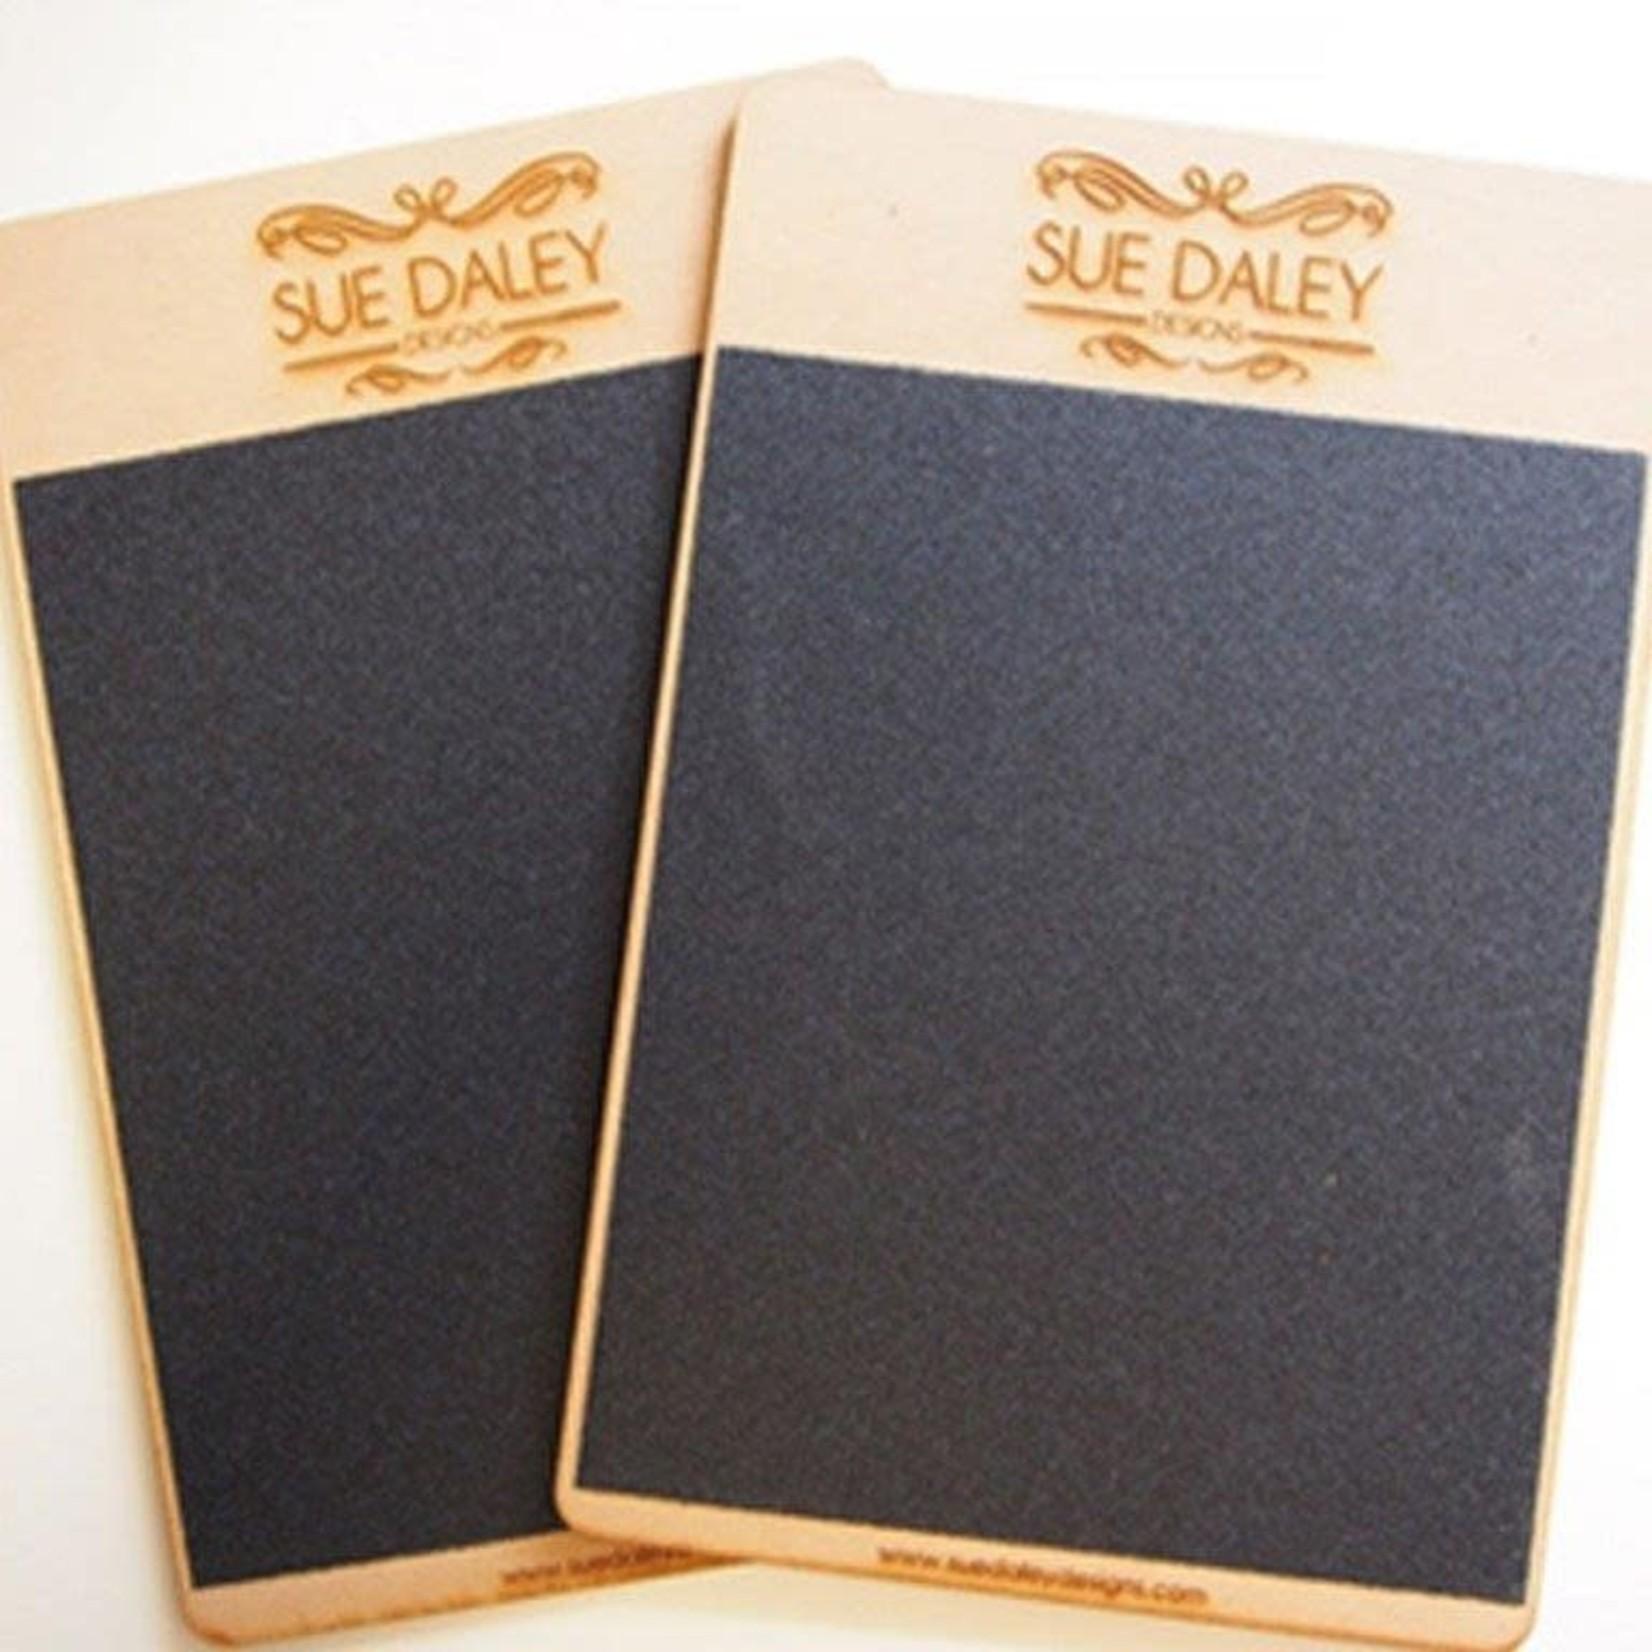 Sue Daley Designs Antislip - Sand Paper Board - 19,5 cm x 29,5 cm